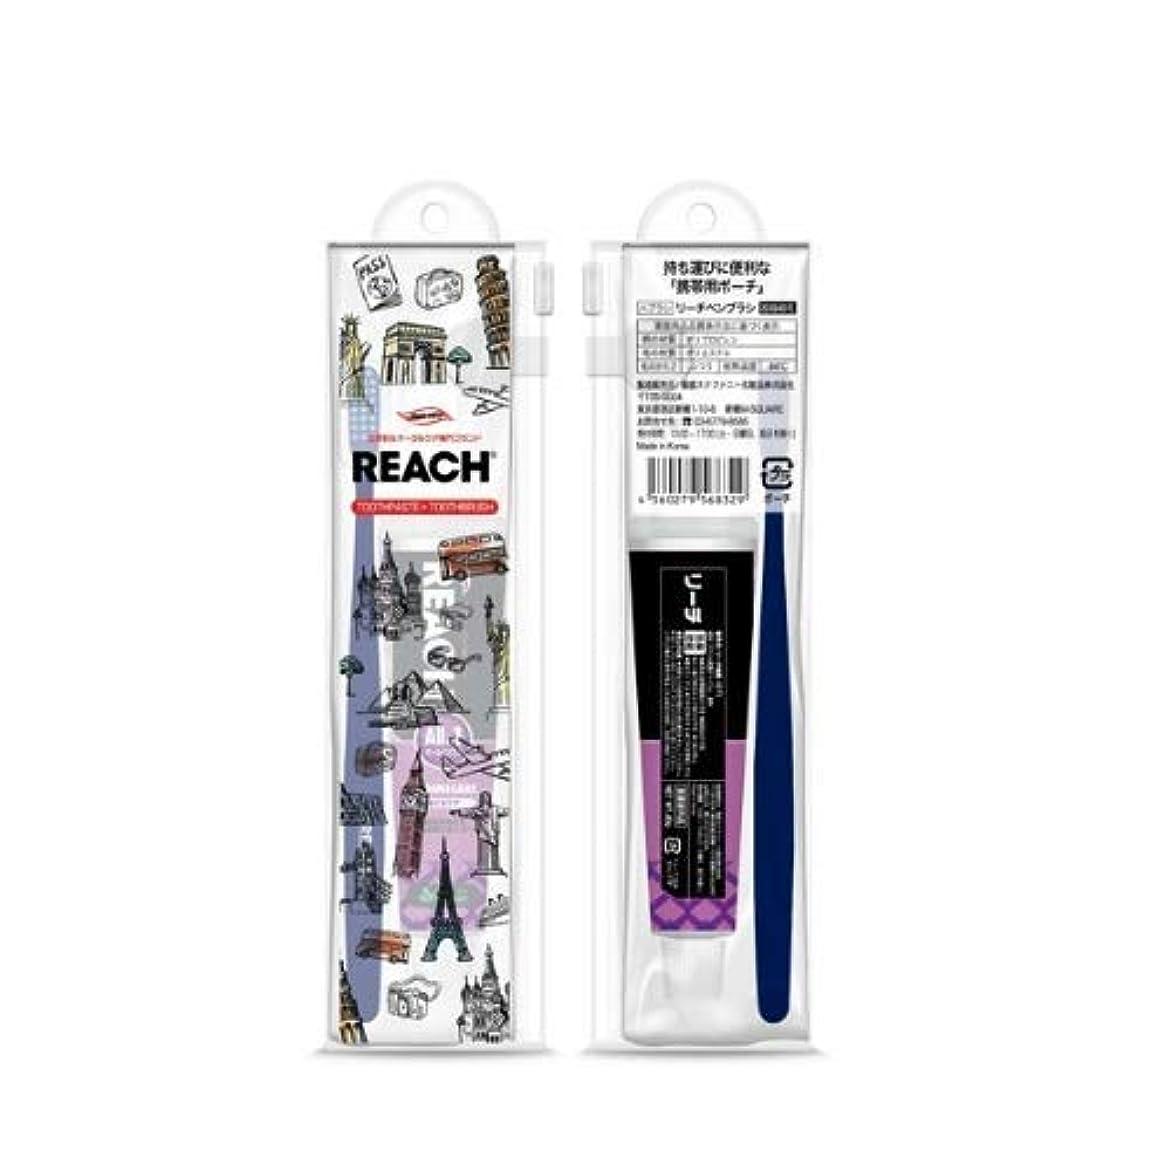 膨らみ社説透けるリーチトラベルセット(デンタル歯ブラシ1本?薬用歯みがき40g) × 12個セット